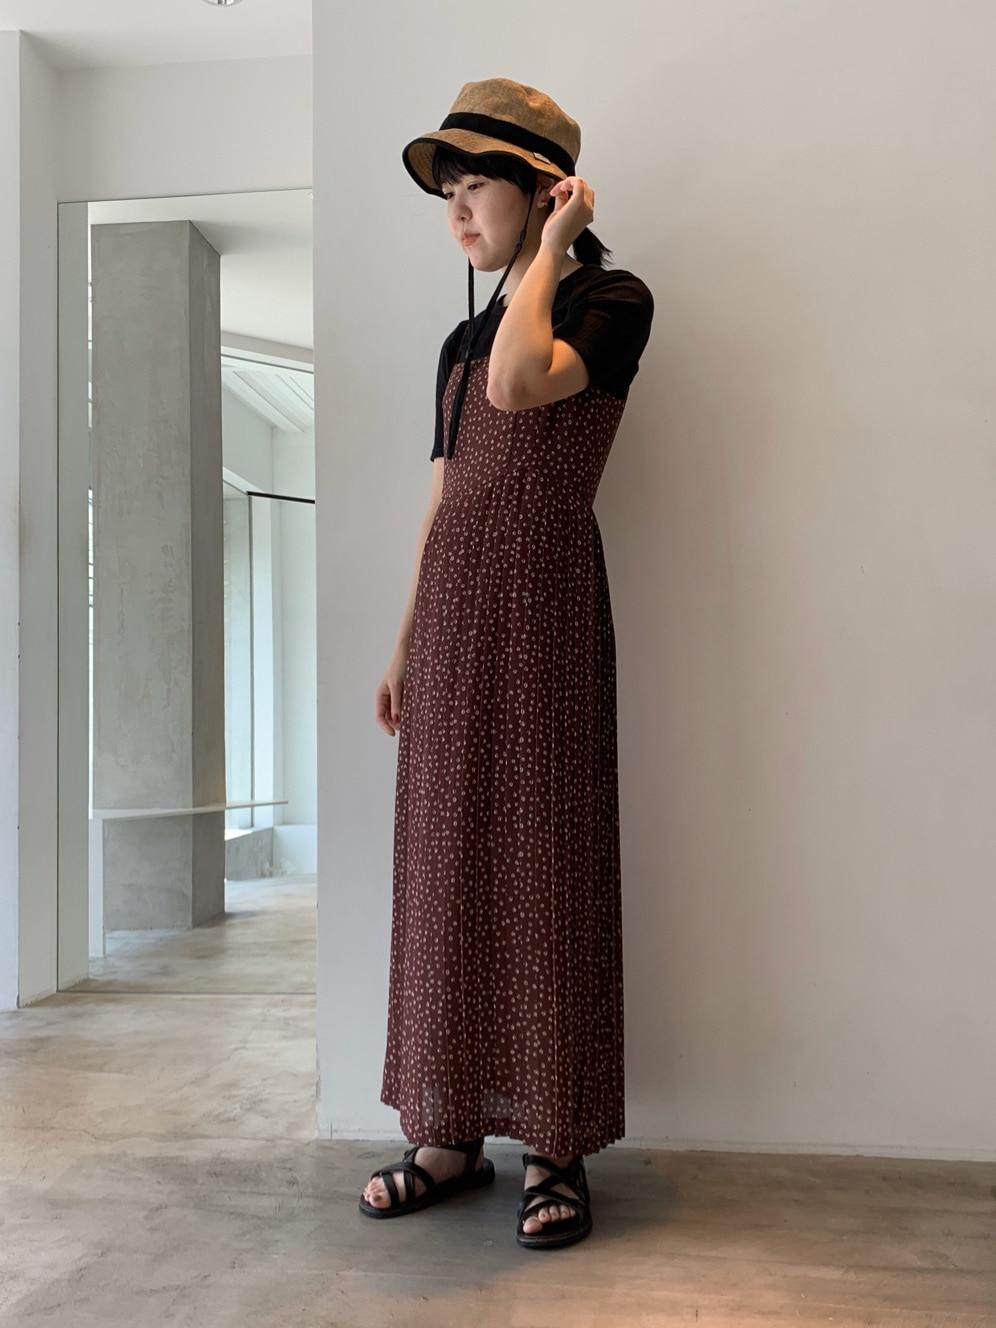 ルミネ新宿 2020.08.26